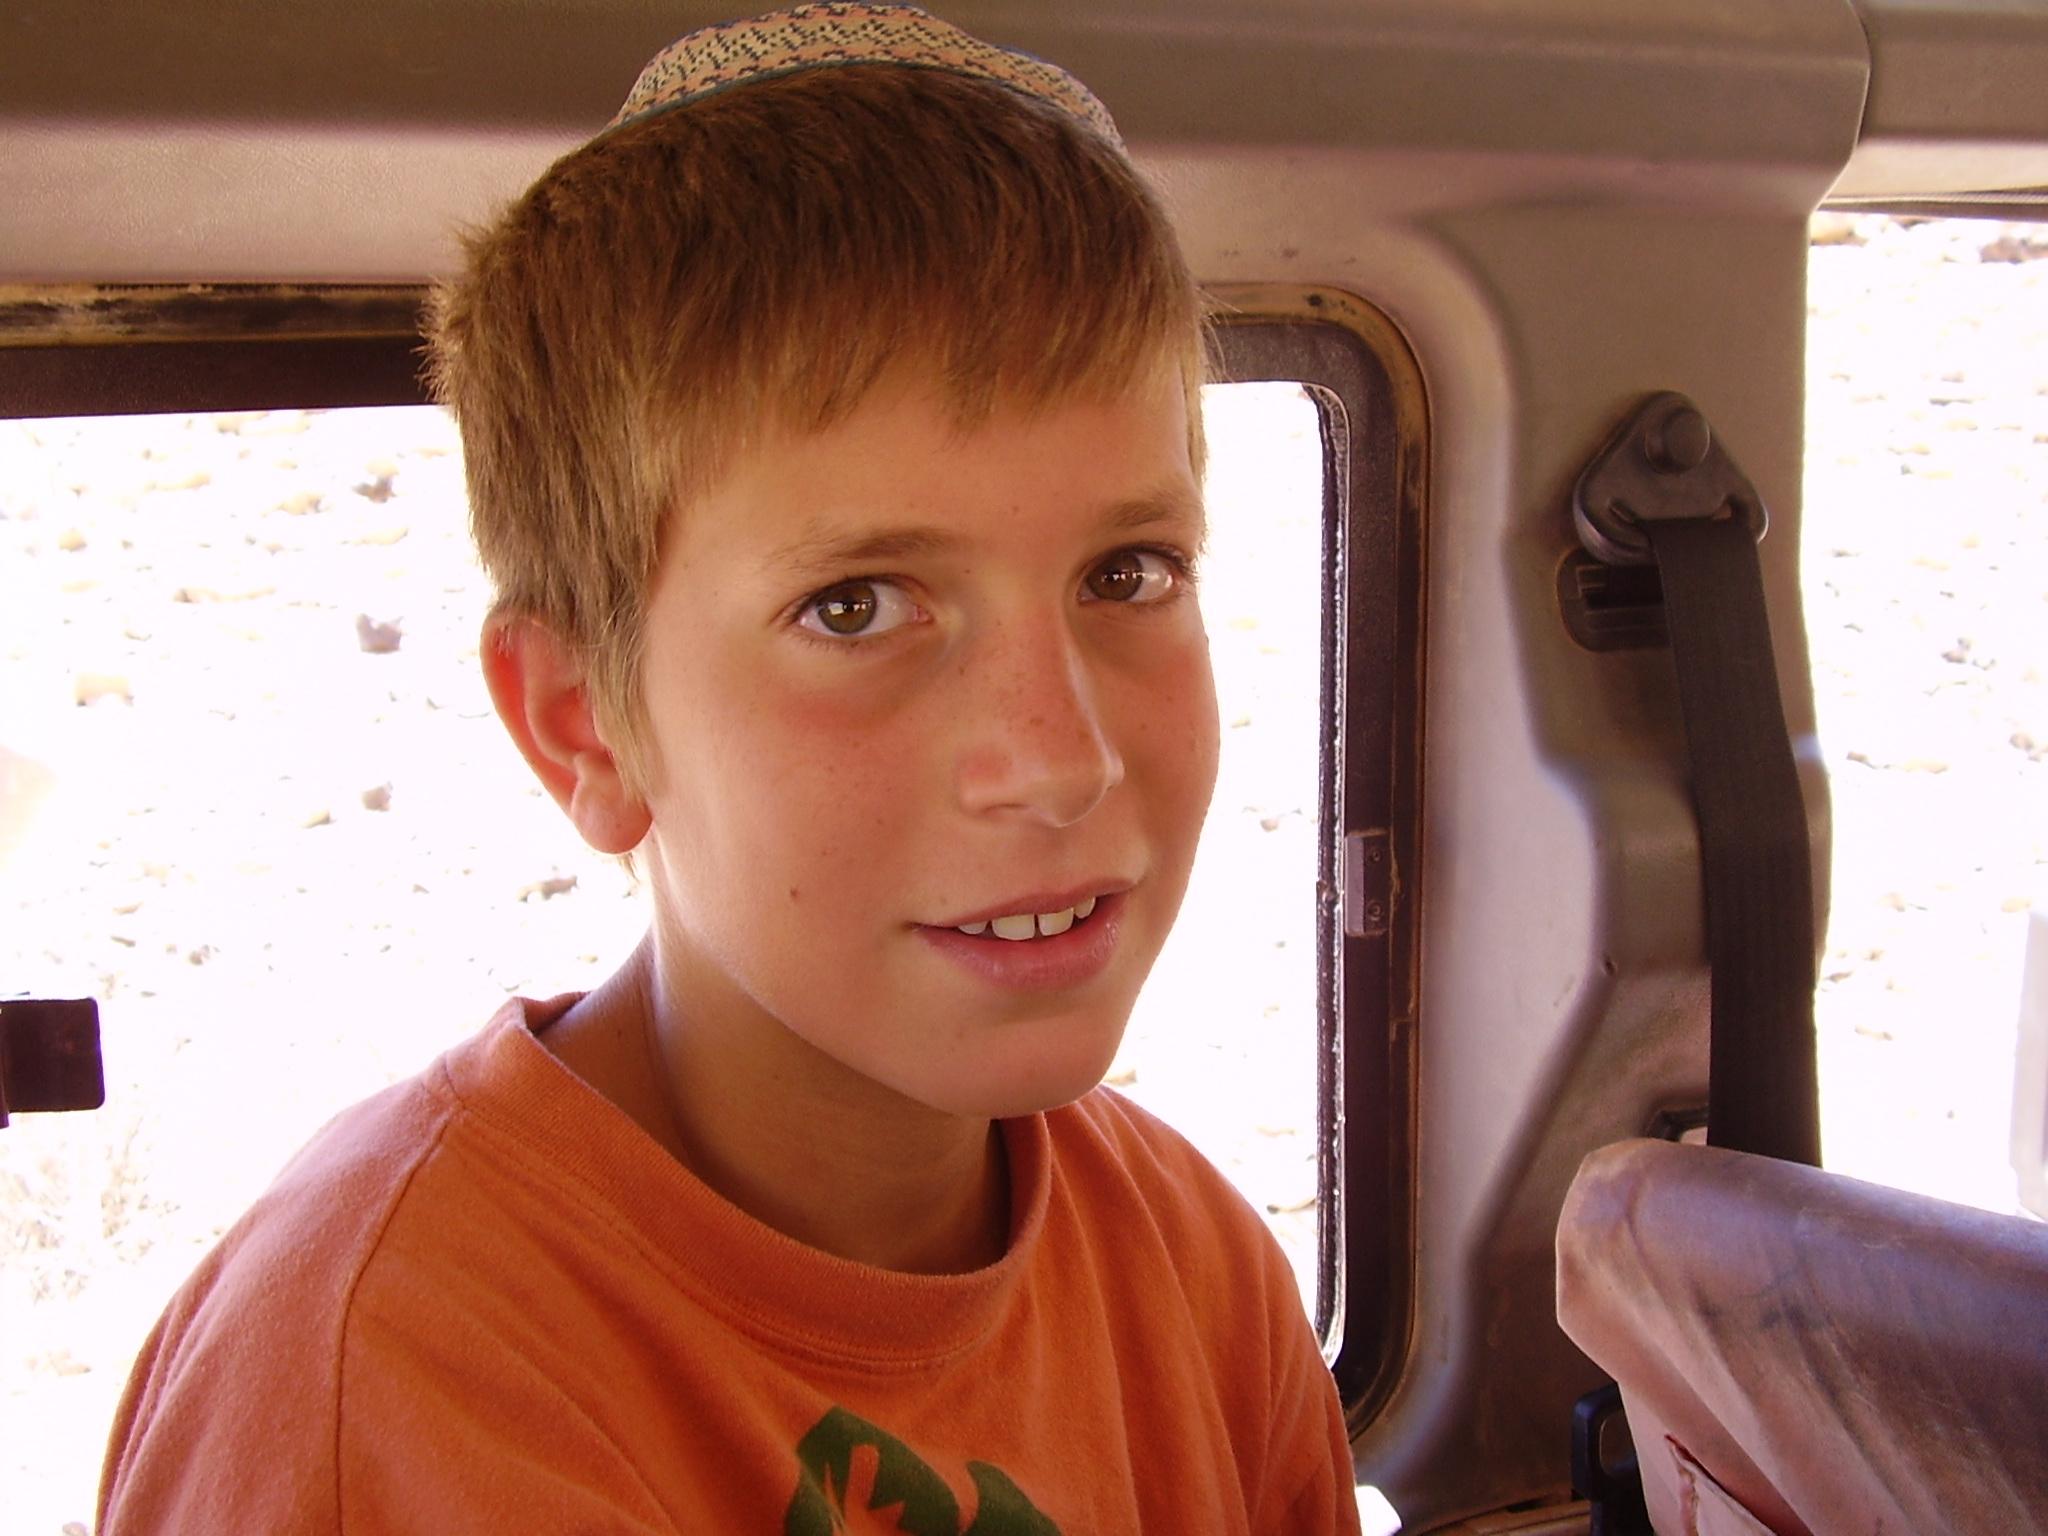 קיץ תשסה ישי בן 10 בטיול גיפים במצפה רמון